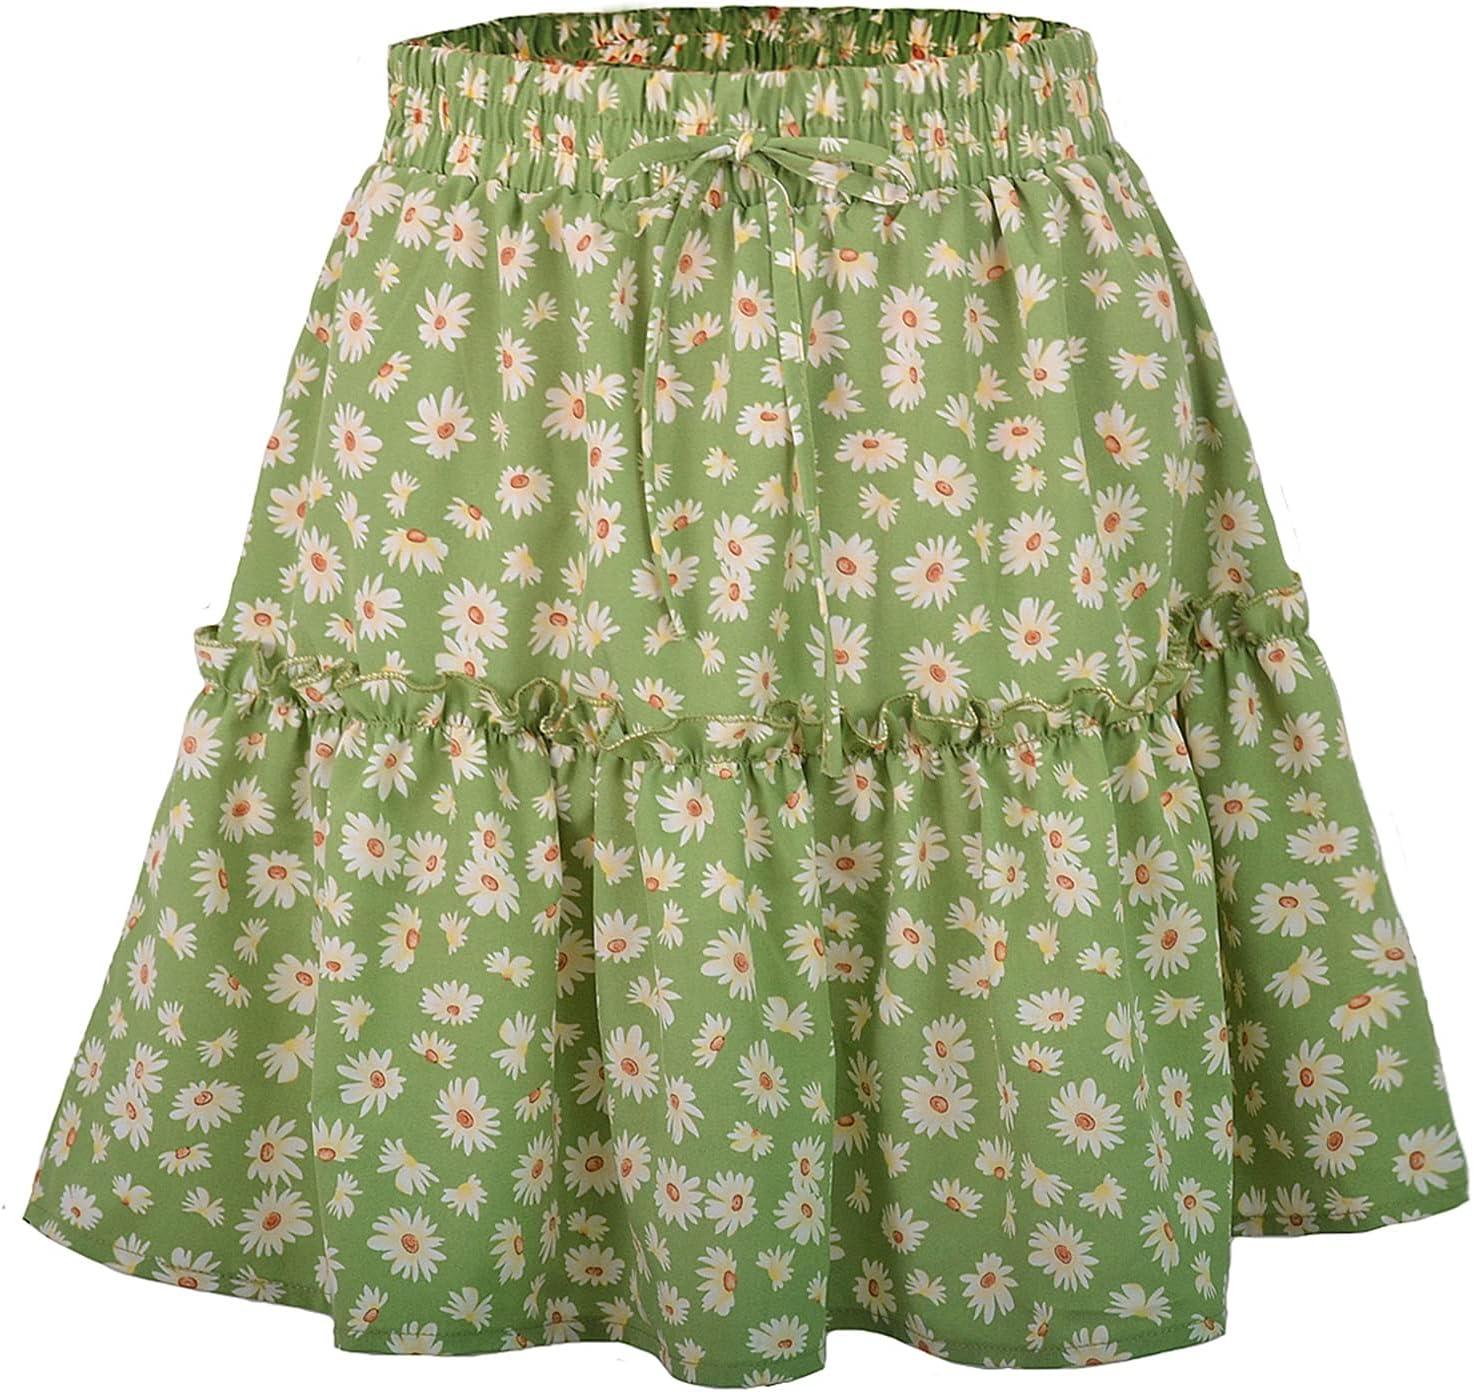 WEHOMEO Women's Pleated Floral Short Skirt Summer Casual High Waist Tennis Skirt,Green,M